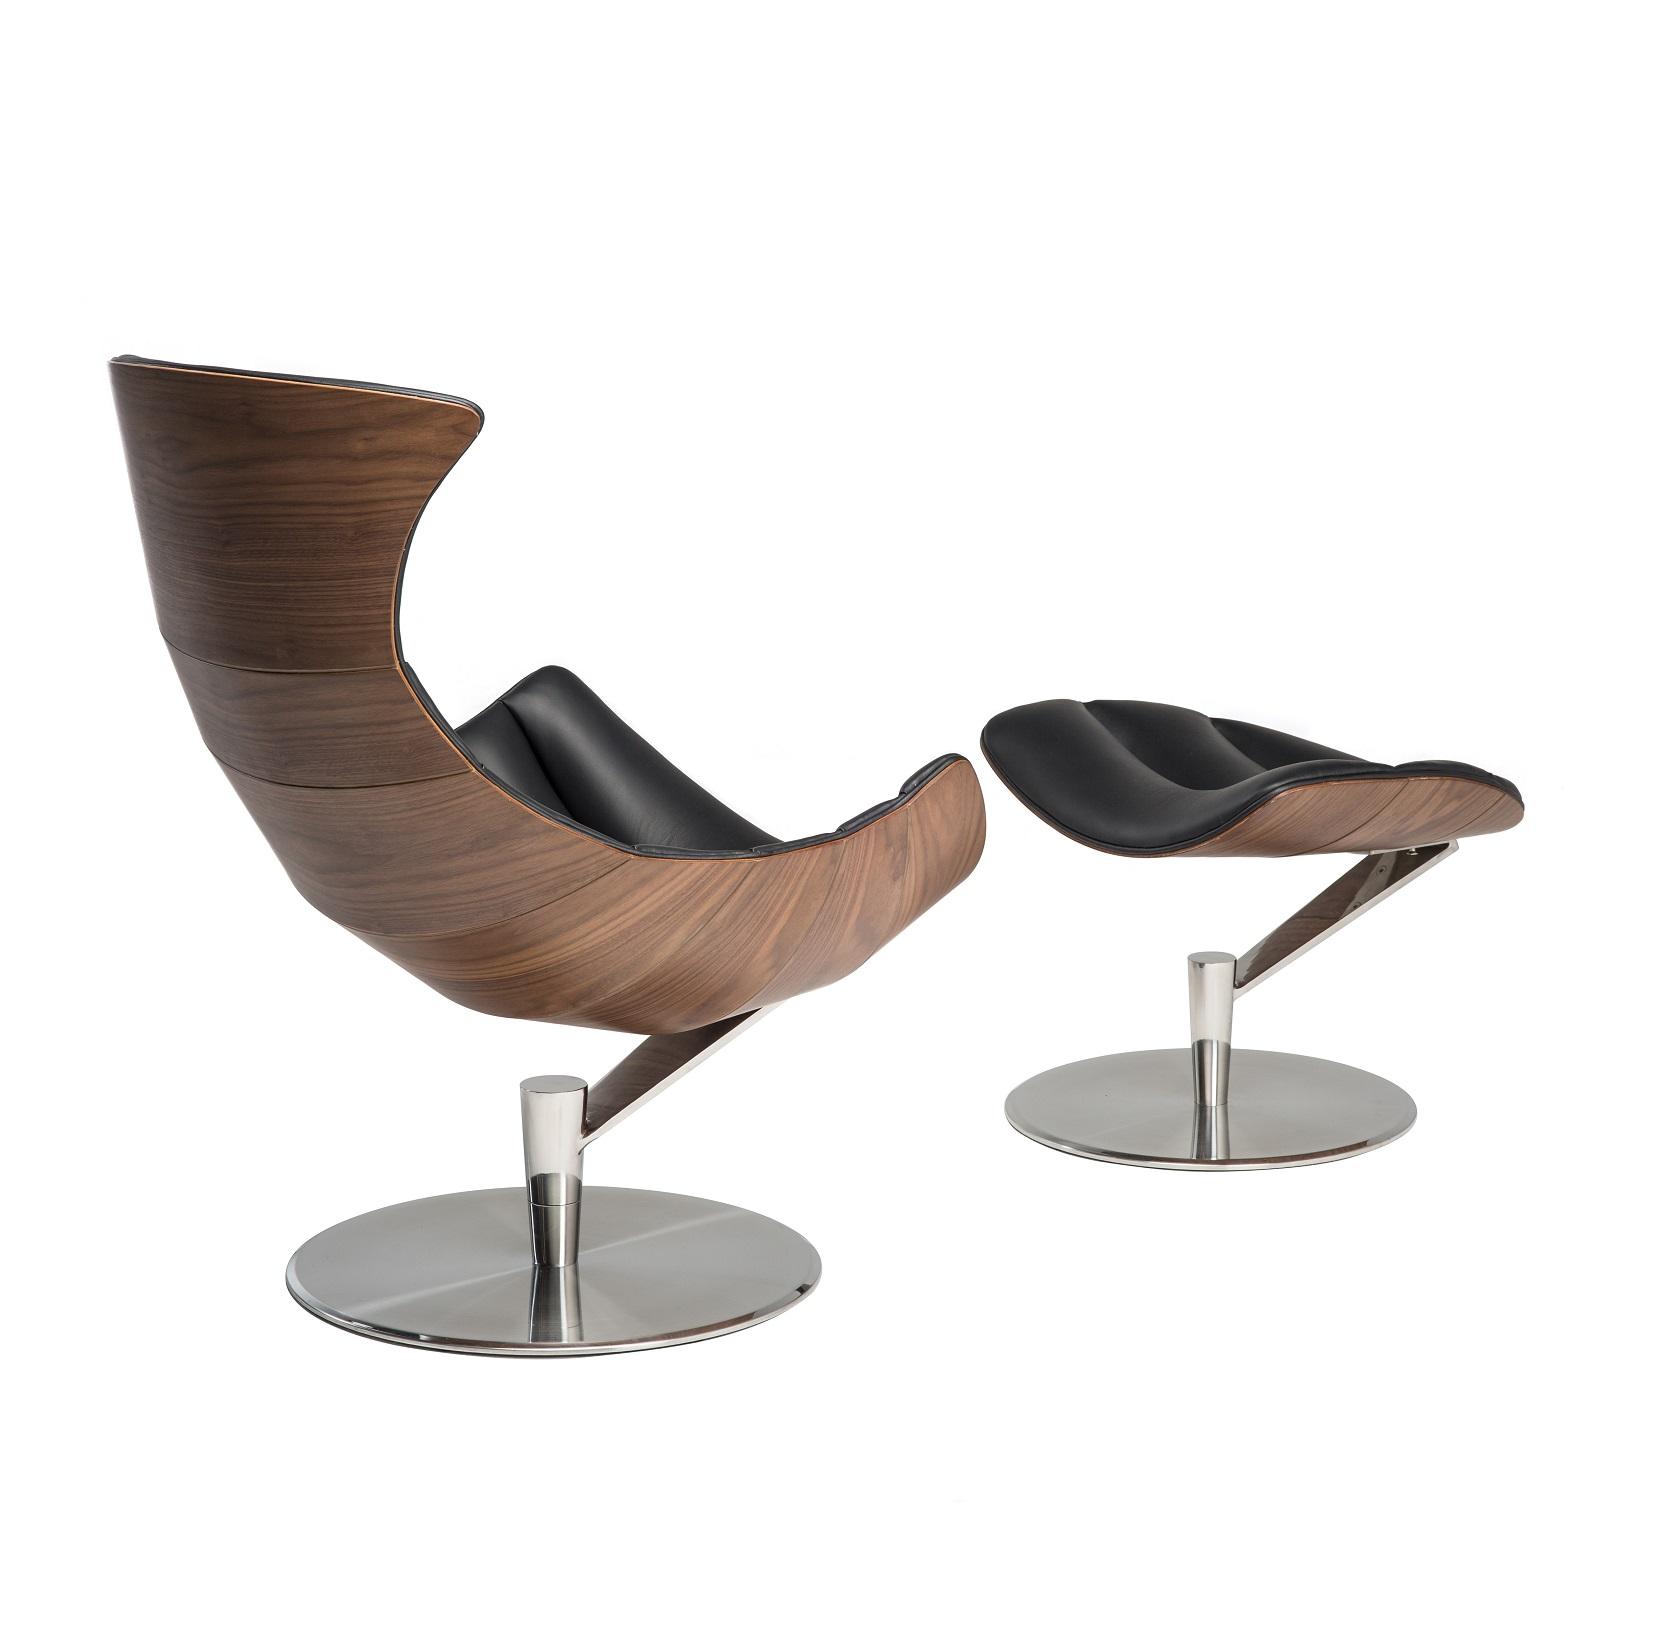 designerski fotel z podnozkiem sydney ideal design